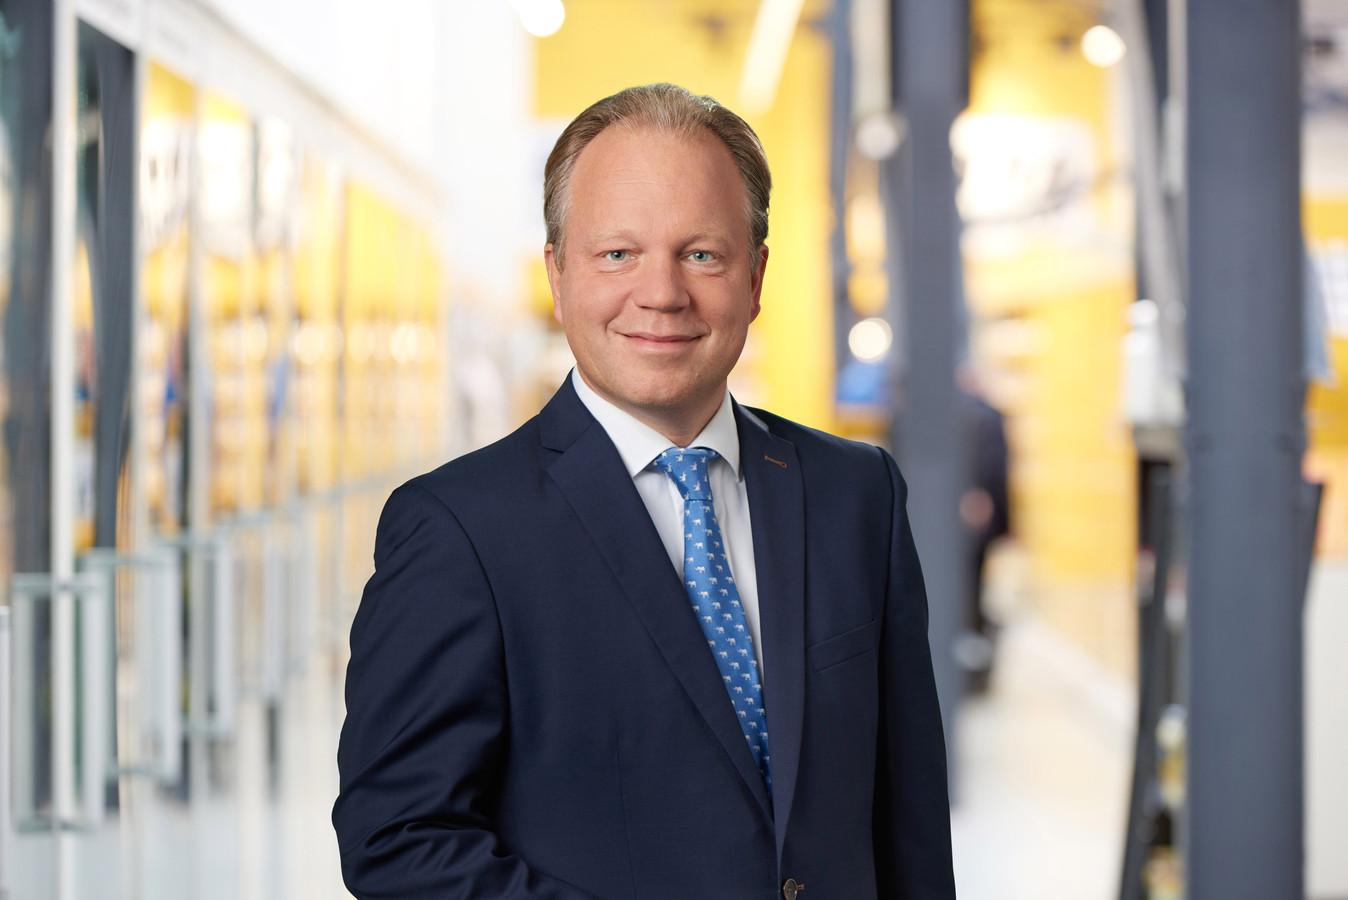 Ton van Veen, financieel directeur en lid van de raad van bestuur van supermarktketen en familiebedrijf Jumbo.